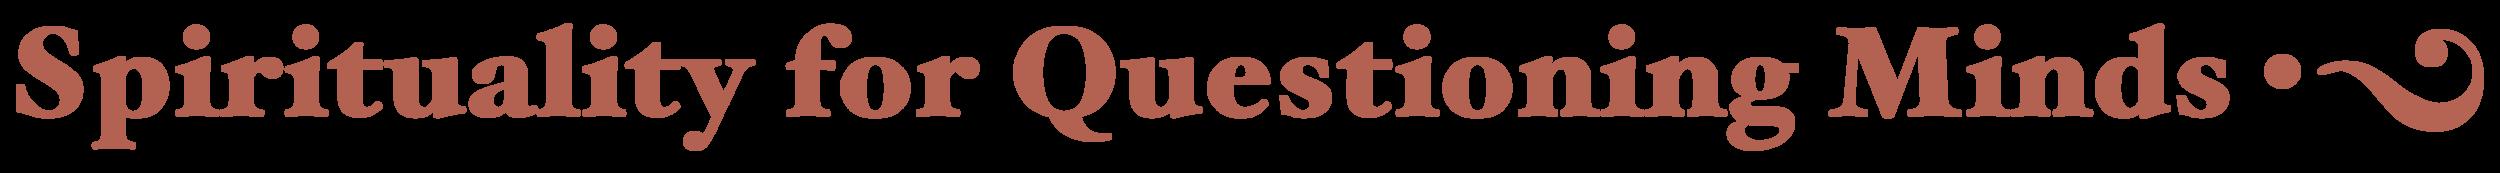 Bottom Logo - close crp.png